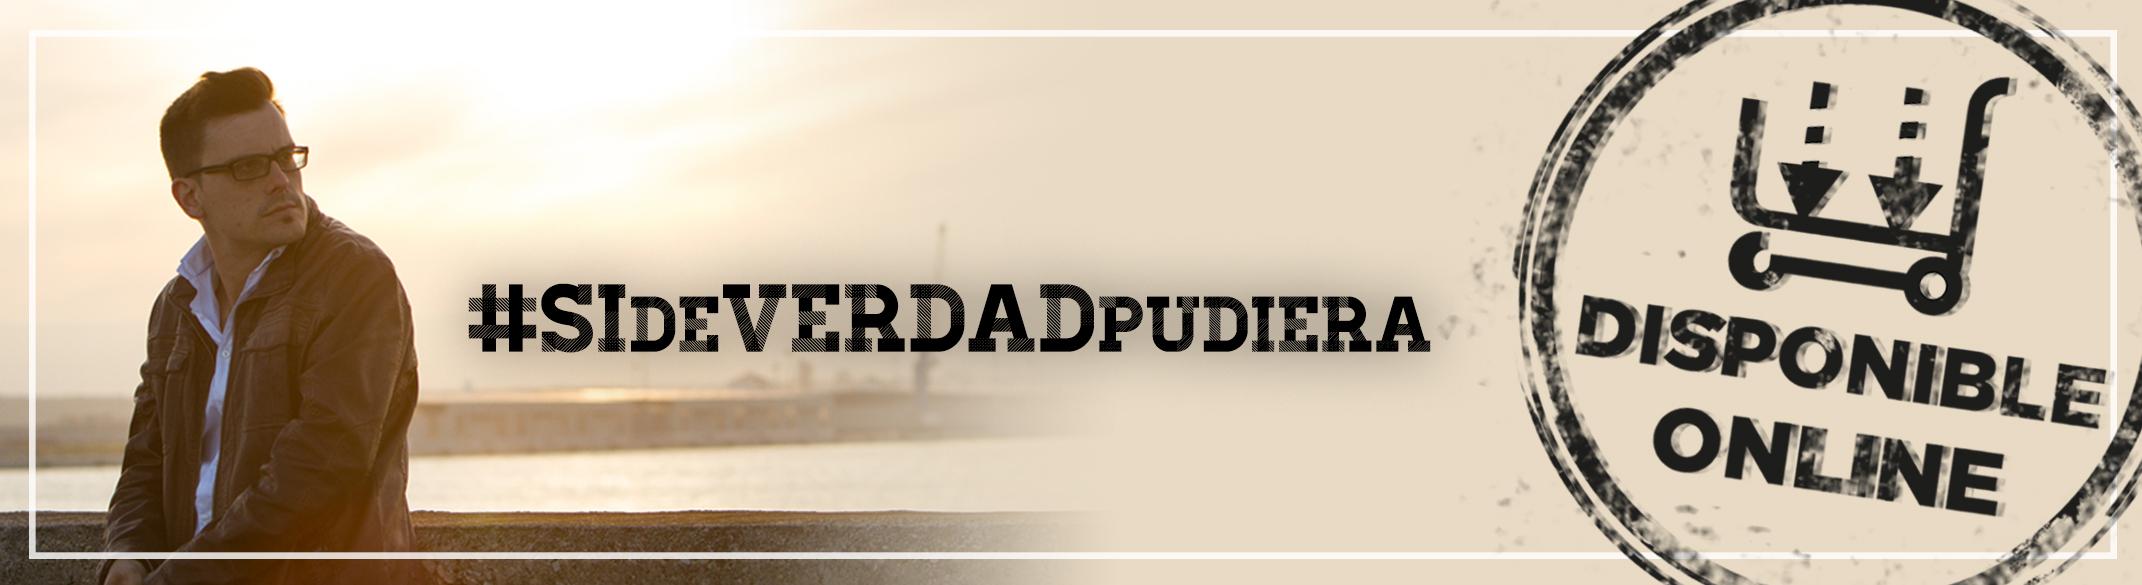 Si De Verdad Pudiera - Marc C. Griso - Disponible venta online #sideverdadpudiera